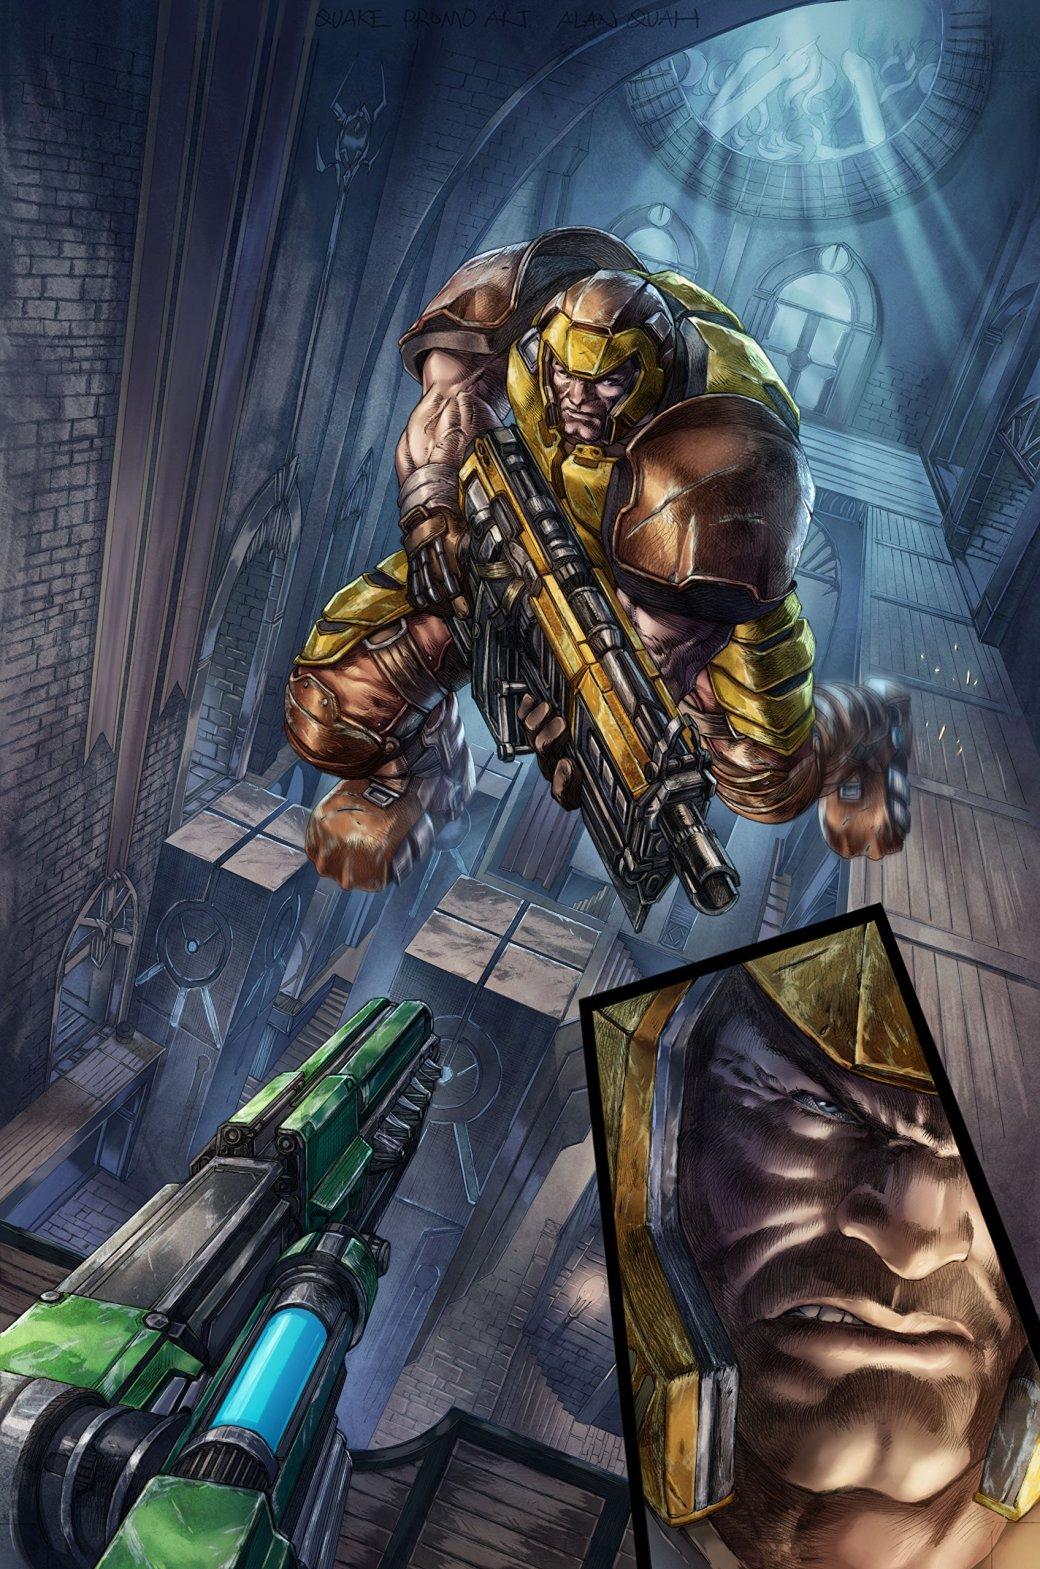 Причины провала Quake Champions: кто виноват и что делать? | Канобу - Изображение 8